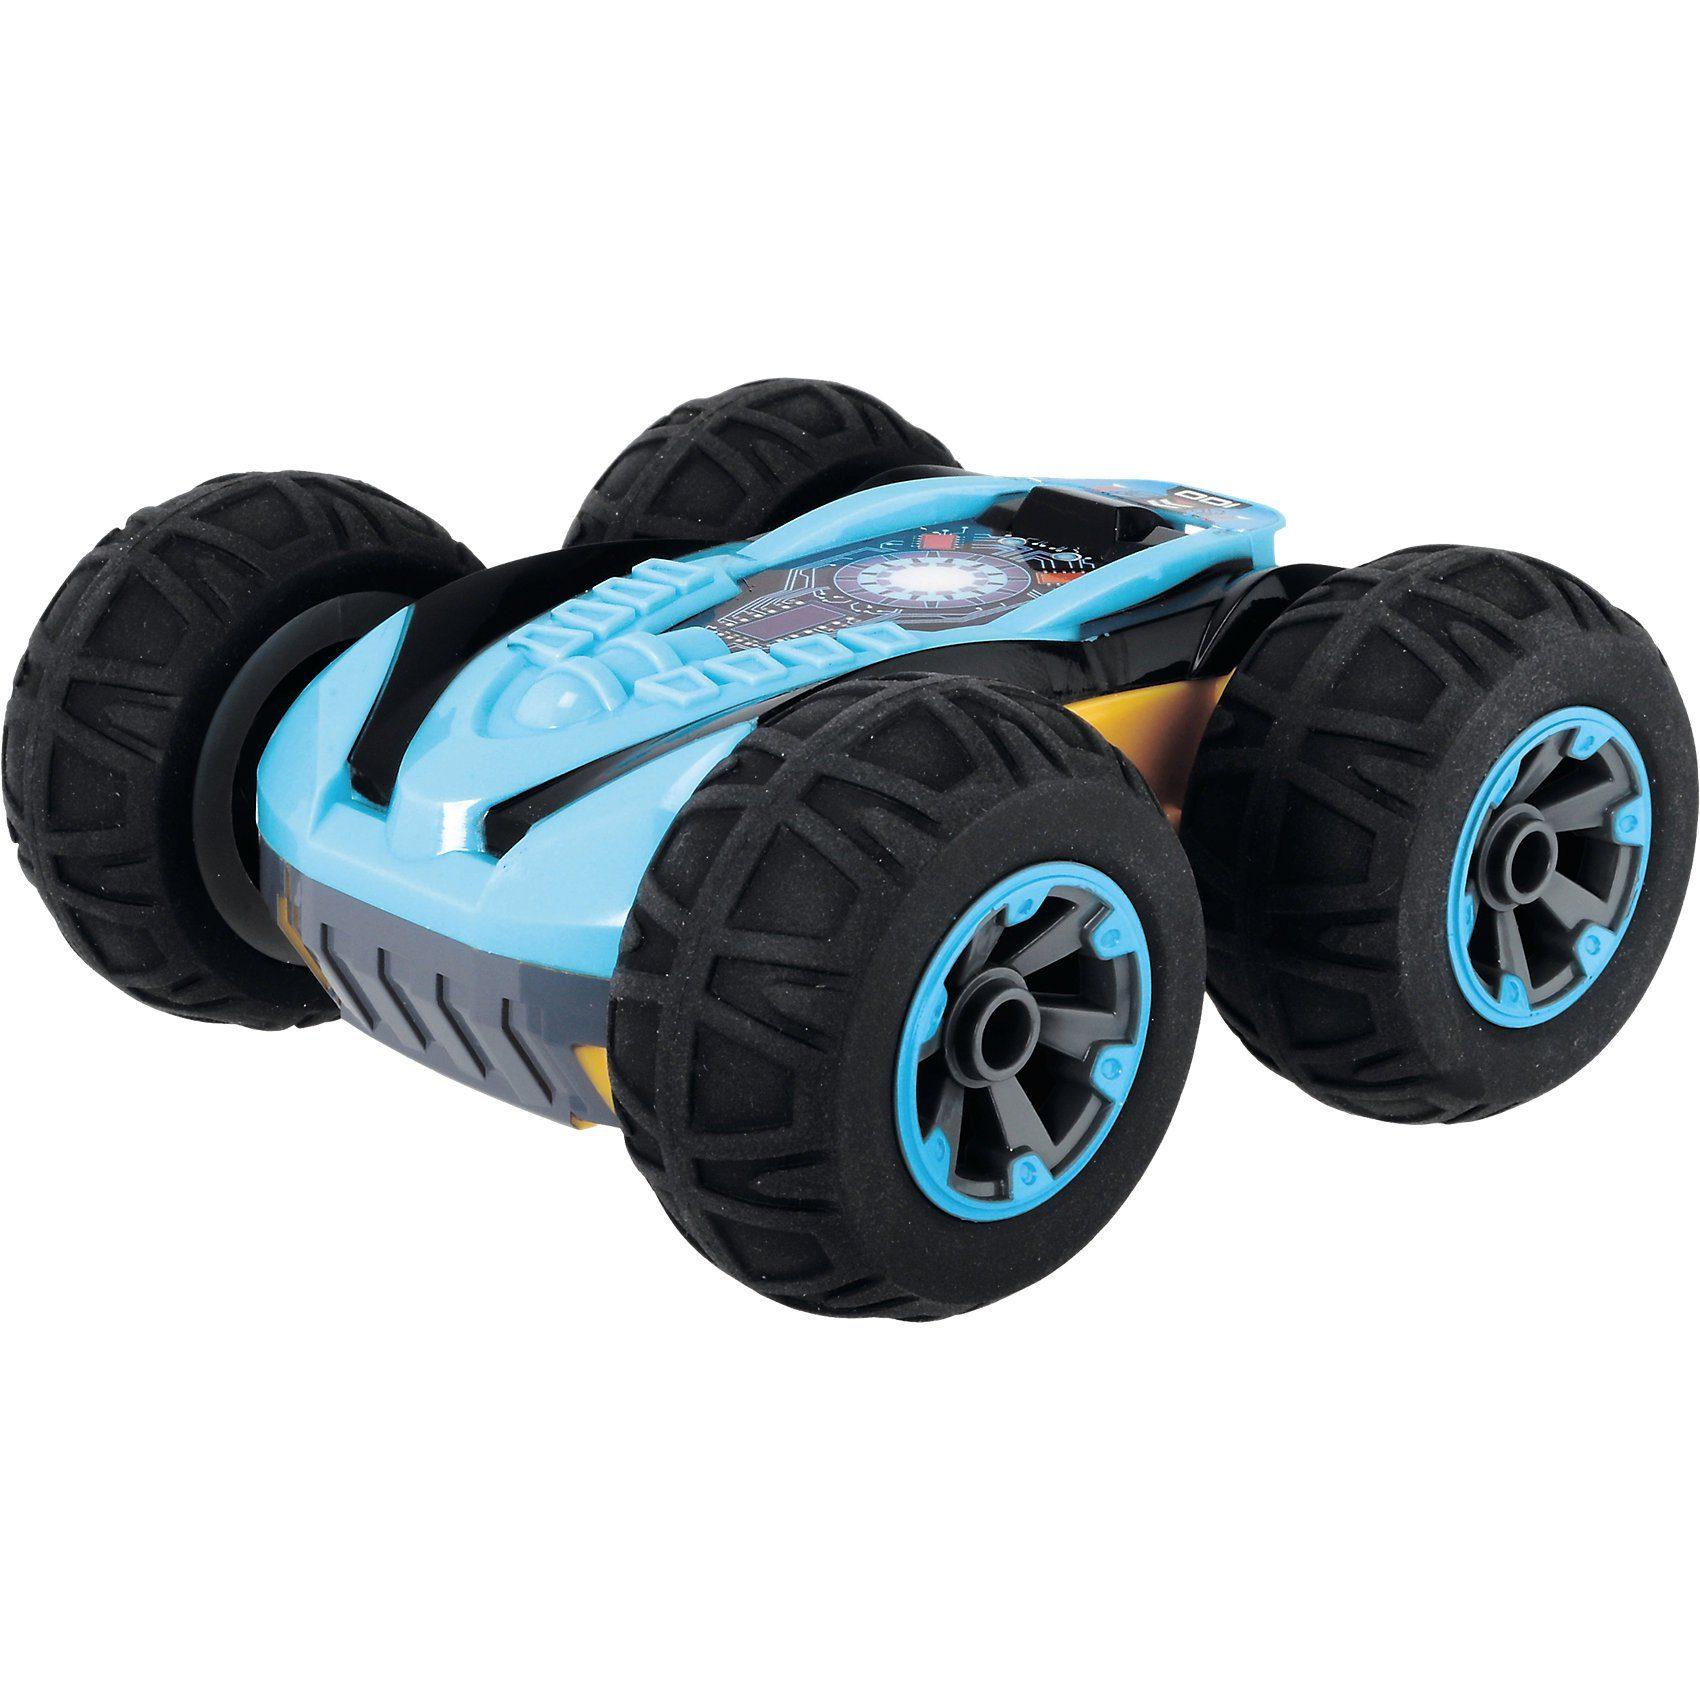 Dickie Toys RC Fahrzeug Mini Basher 2.4 GHz Stuntfahrzeug